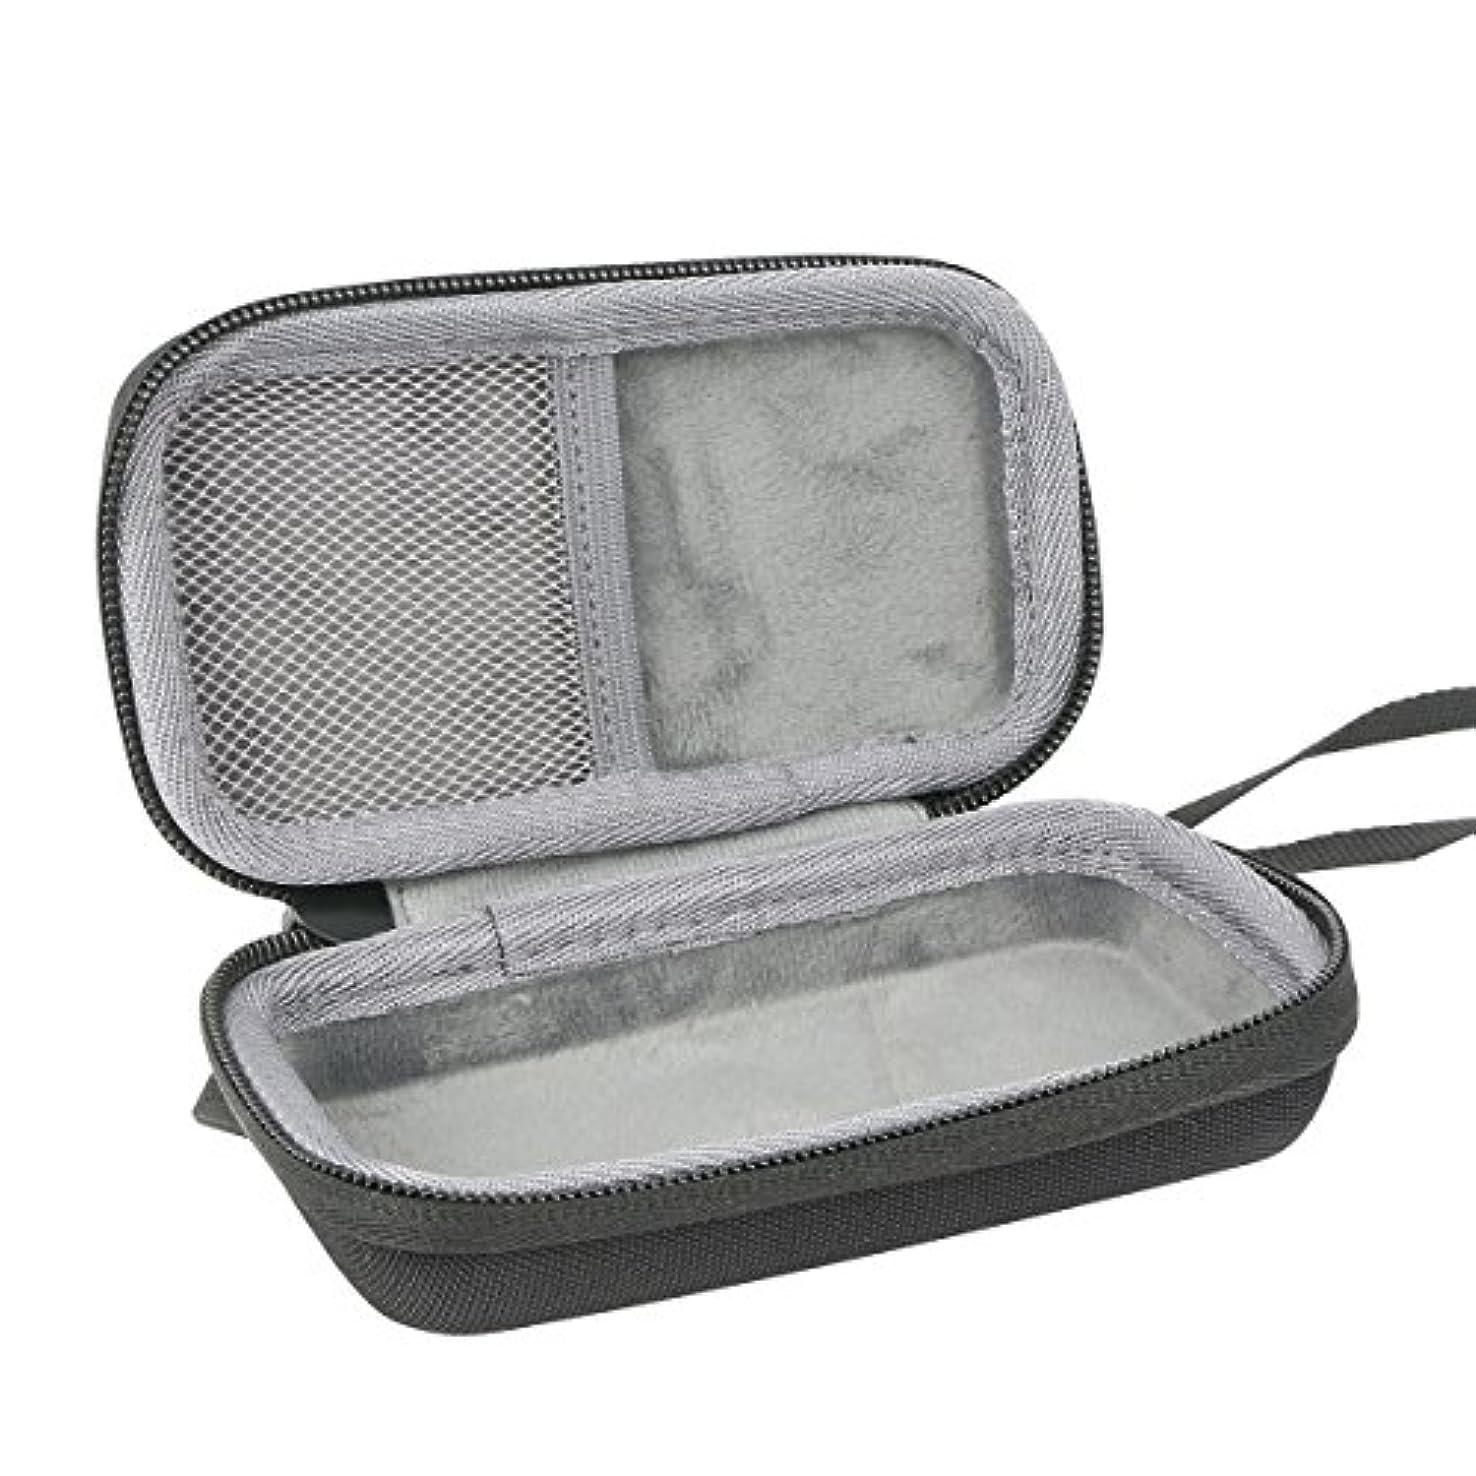 広がり時代遅れレンズブラウン BRAUN メンズシェーバー モバイルシェーブ M-90 スーパー便利な ハードケースバッグ 専用旅行収納 対応 co2CREA